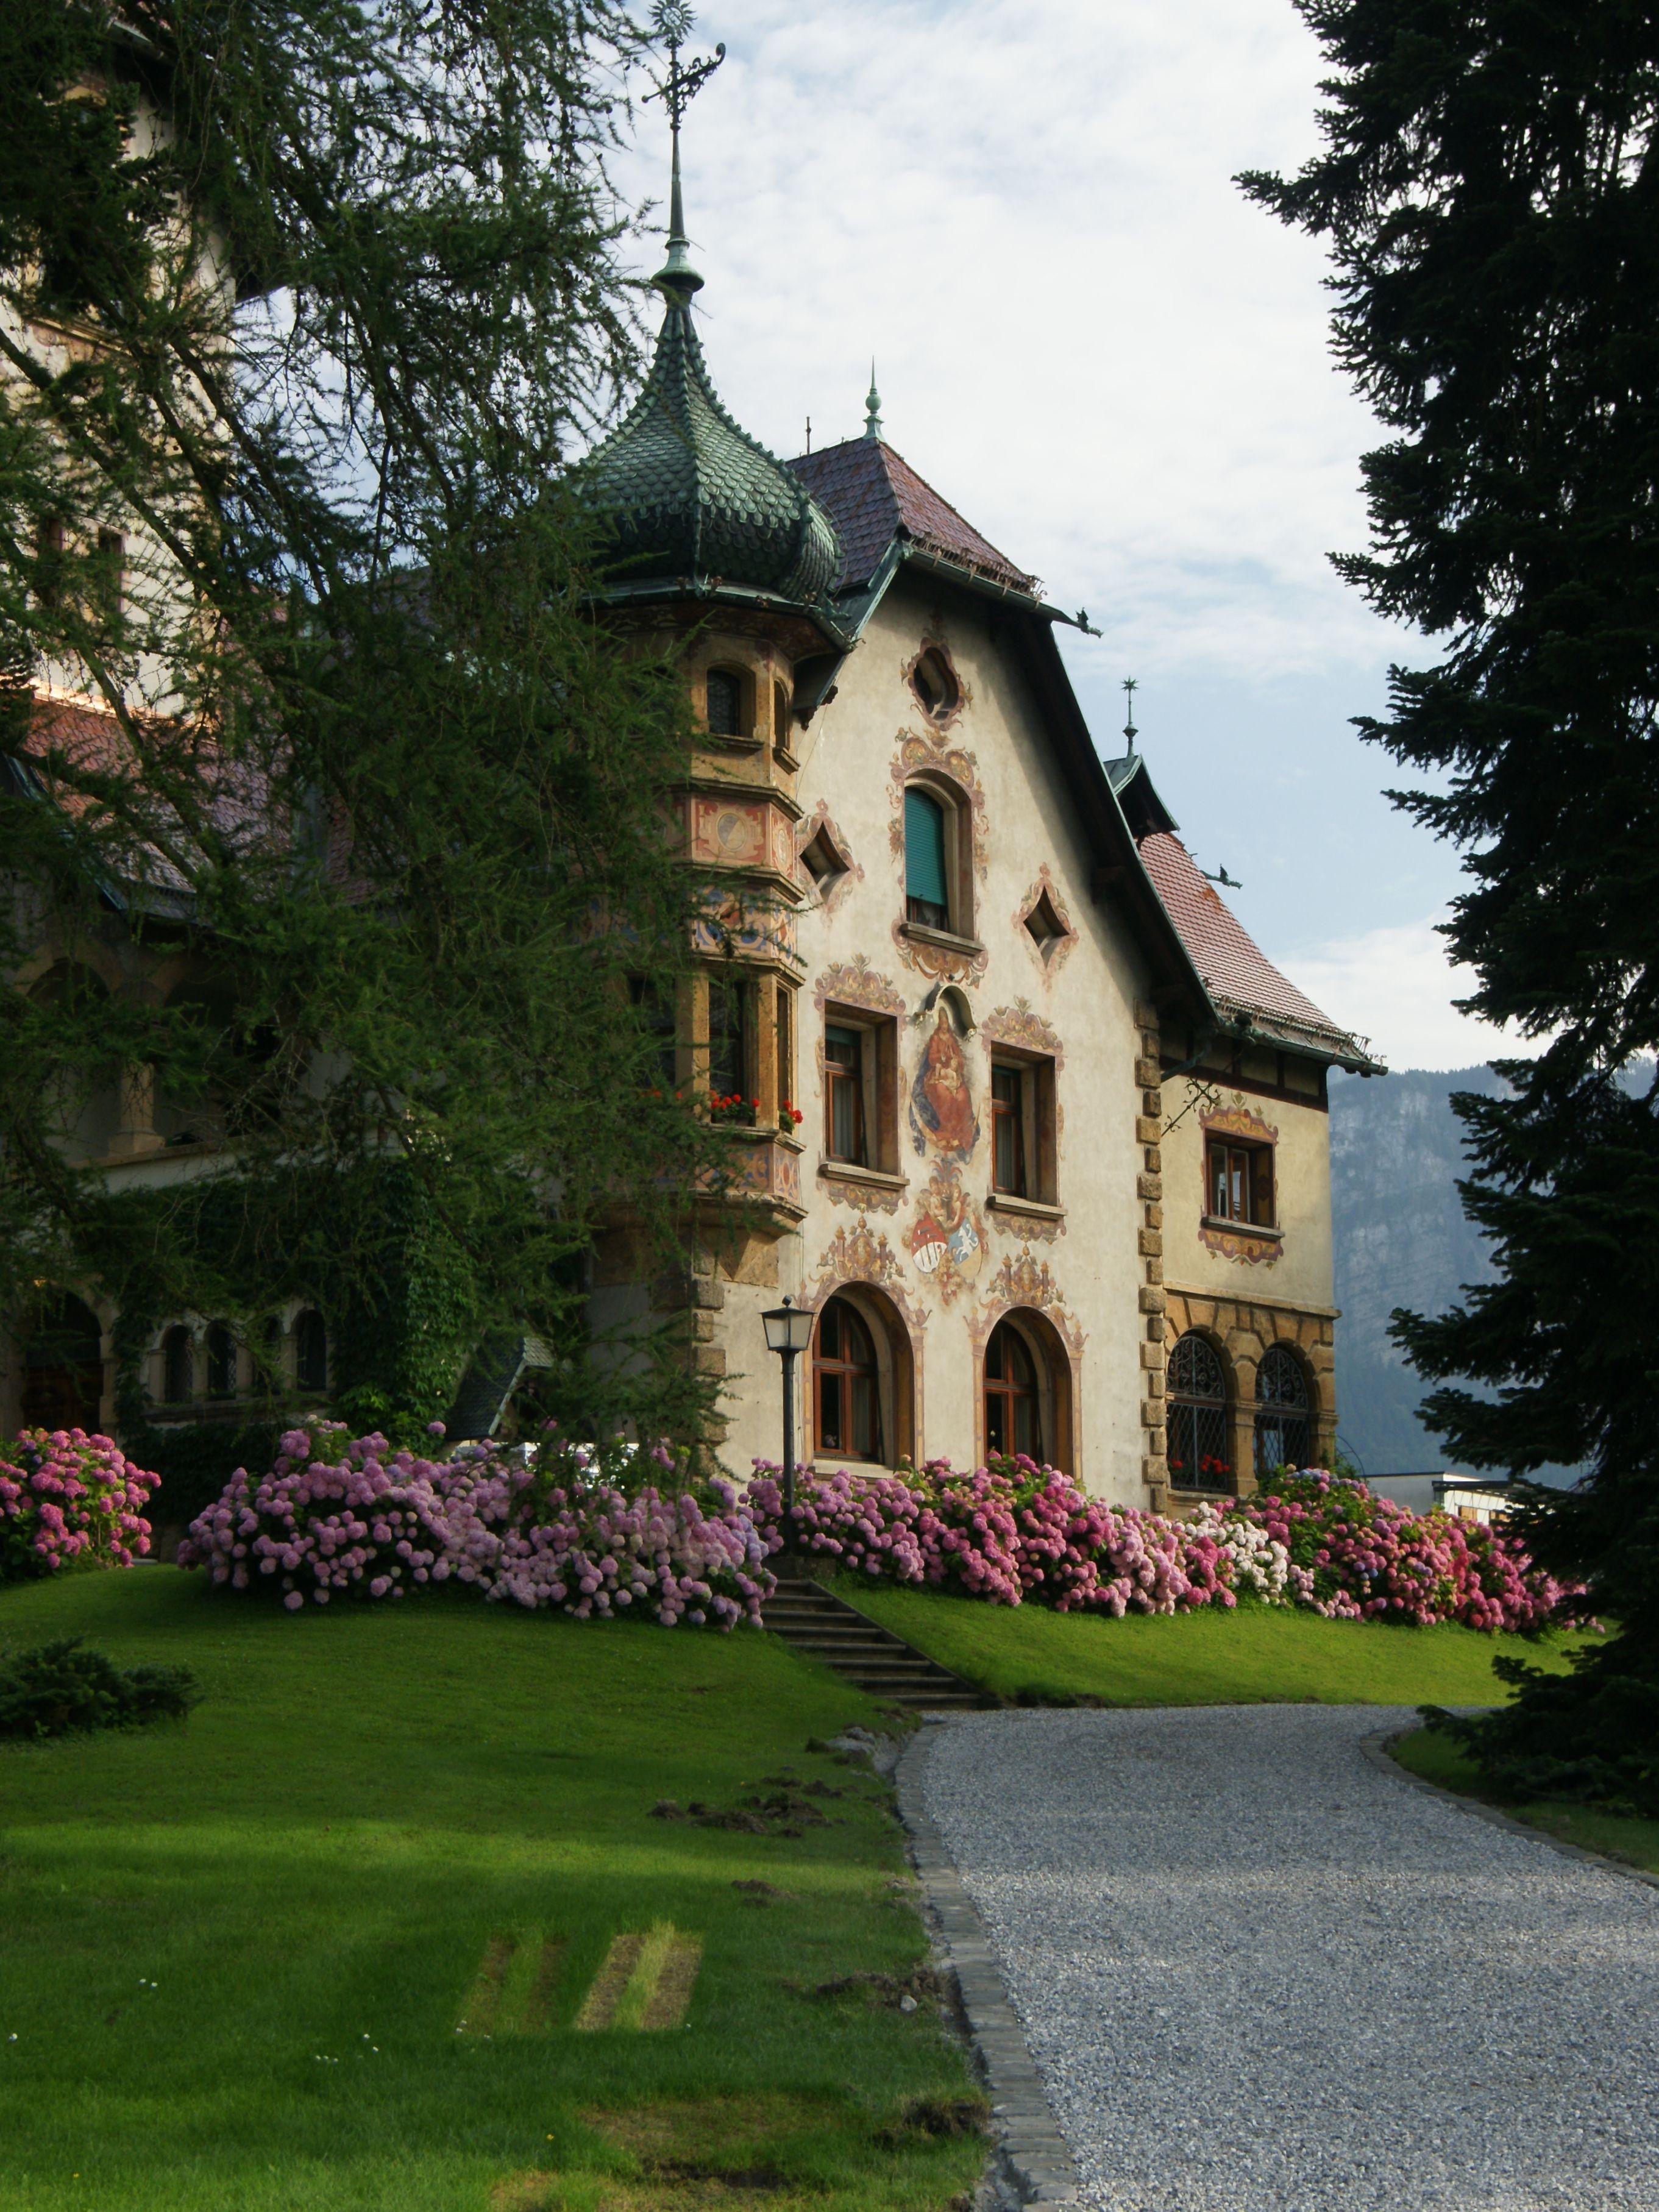 Villa h mmerle dornbirn austria overcast day lovely for Architettura moderna case